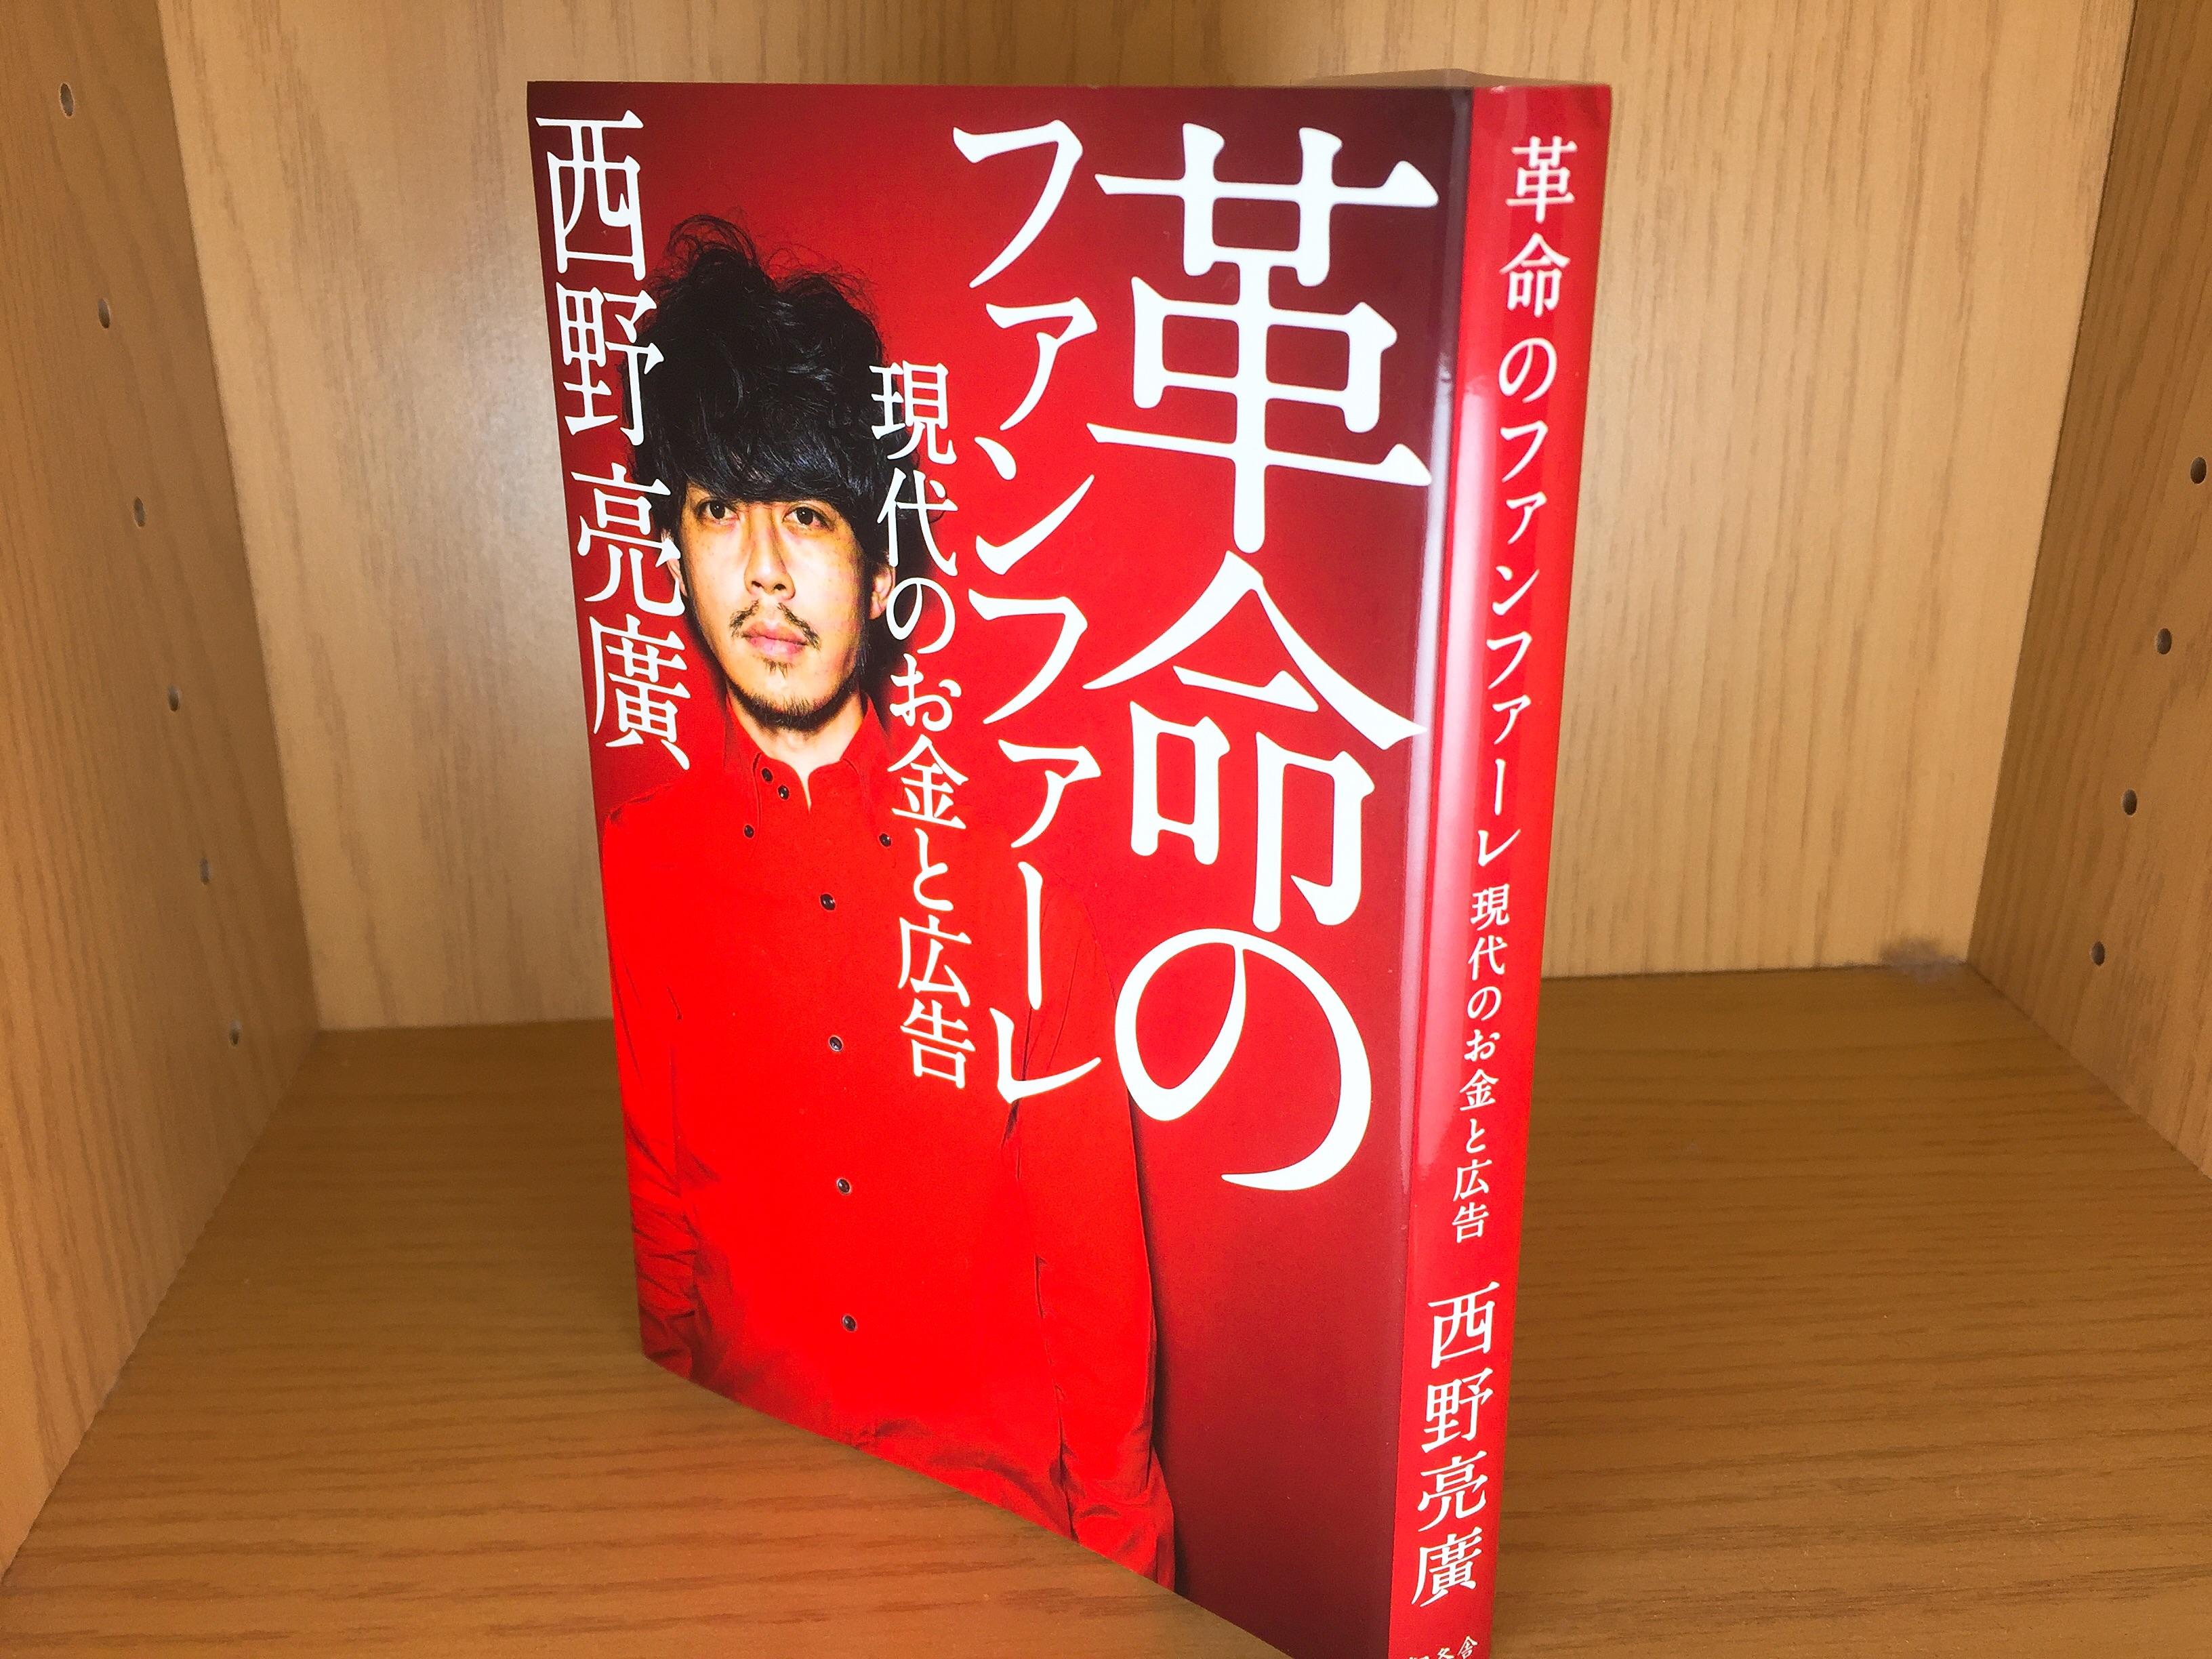 西野亮廣 『革命のファンファーレ』 感想 カバー